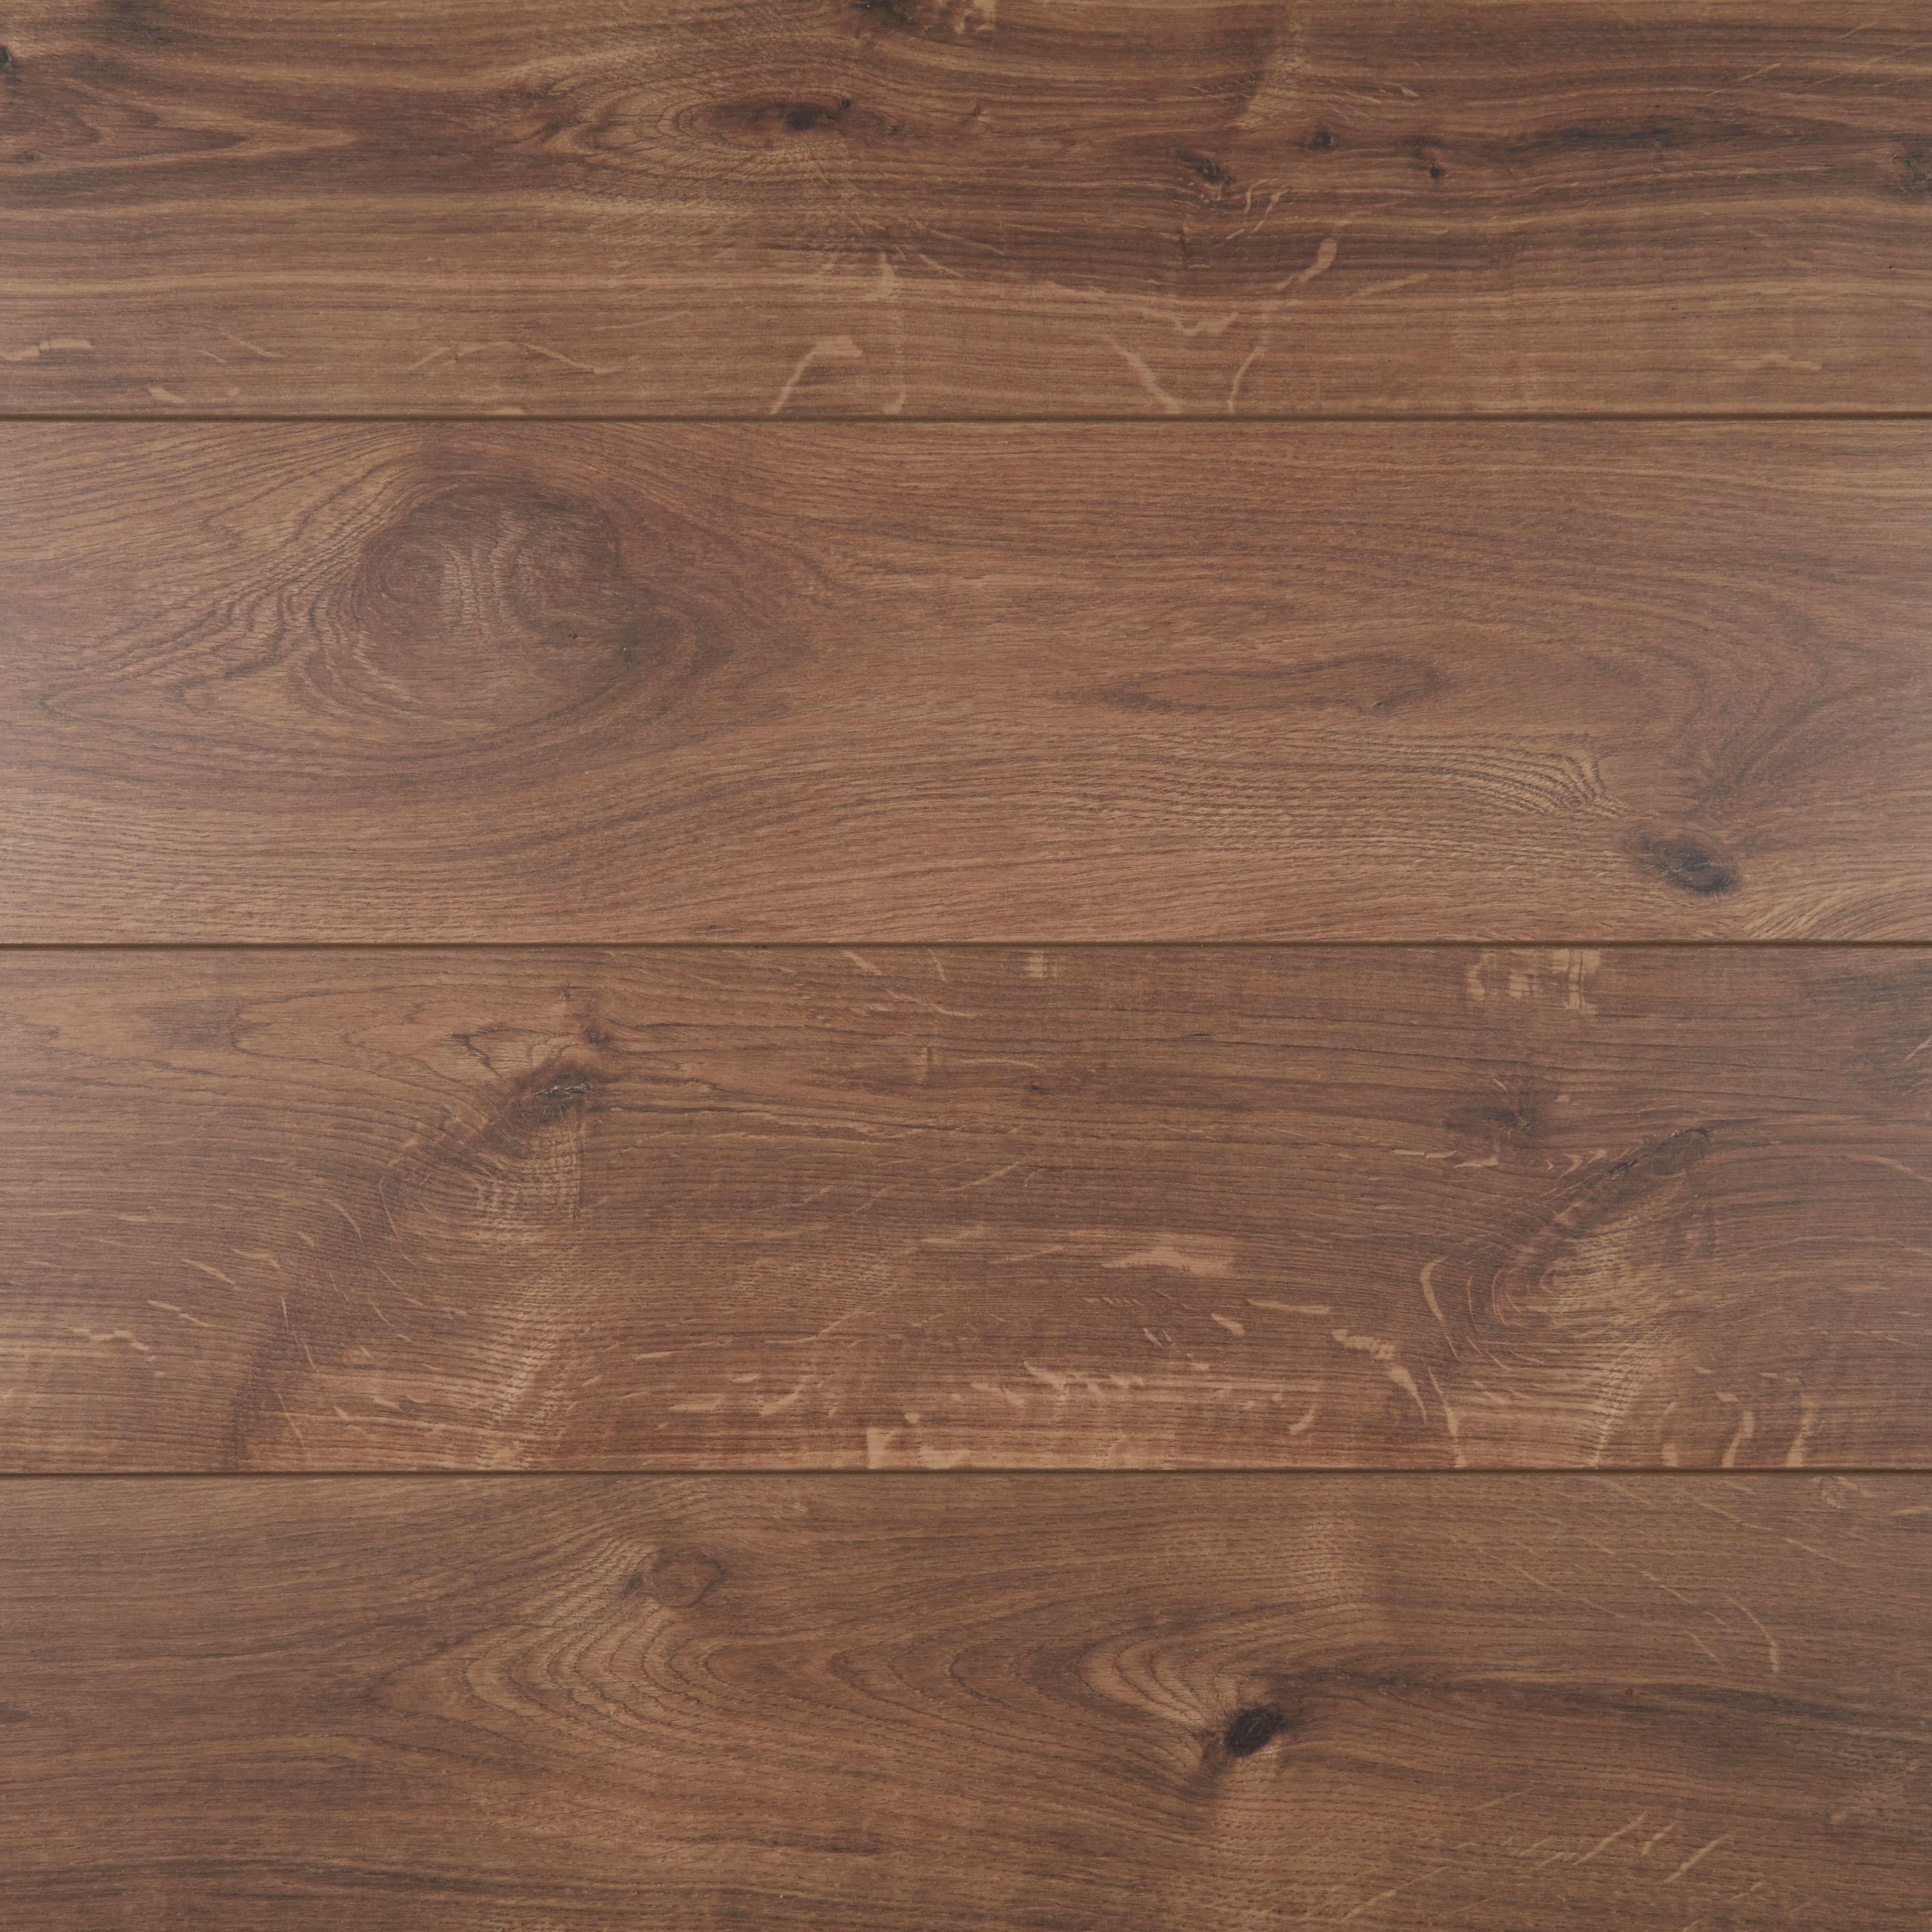 B Q Milano Oak Effect Laminate Flooring Coverage